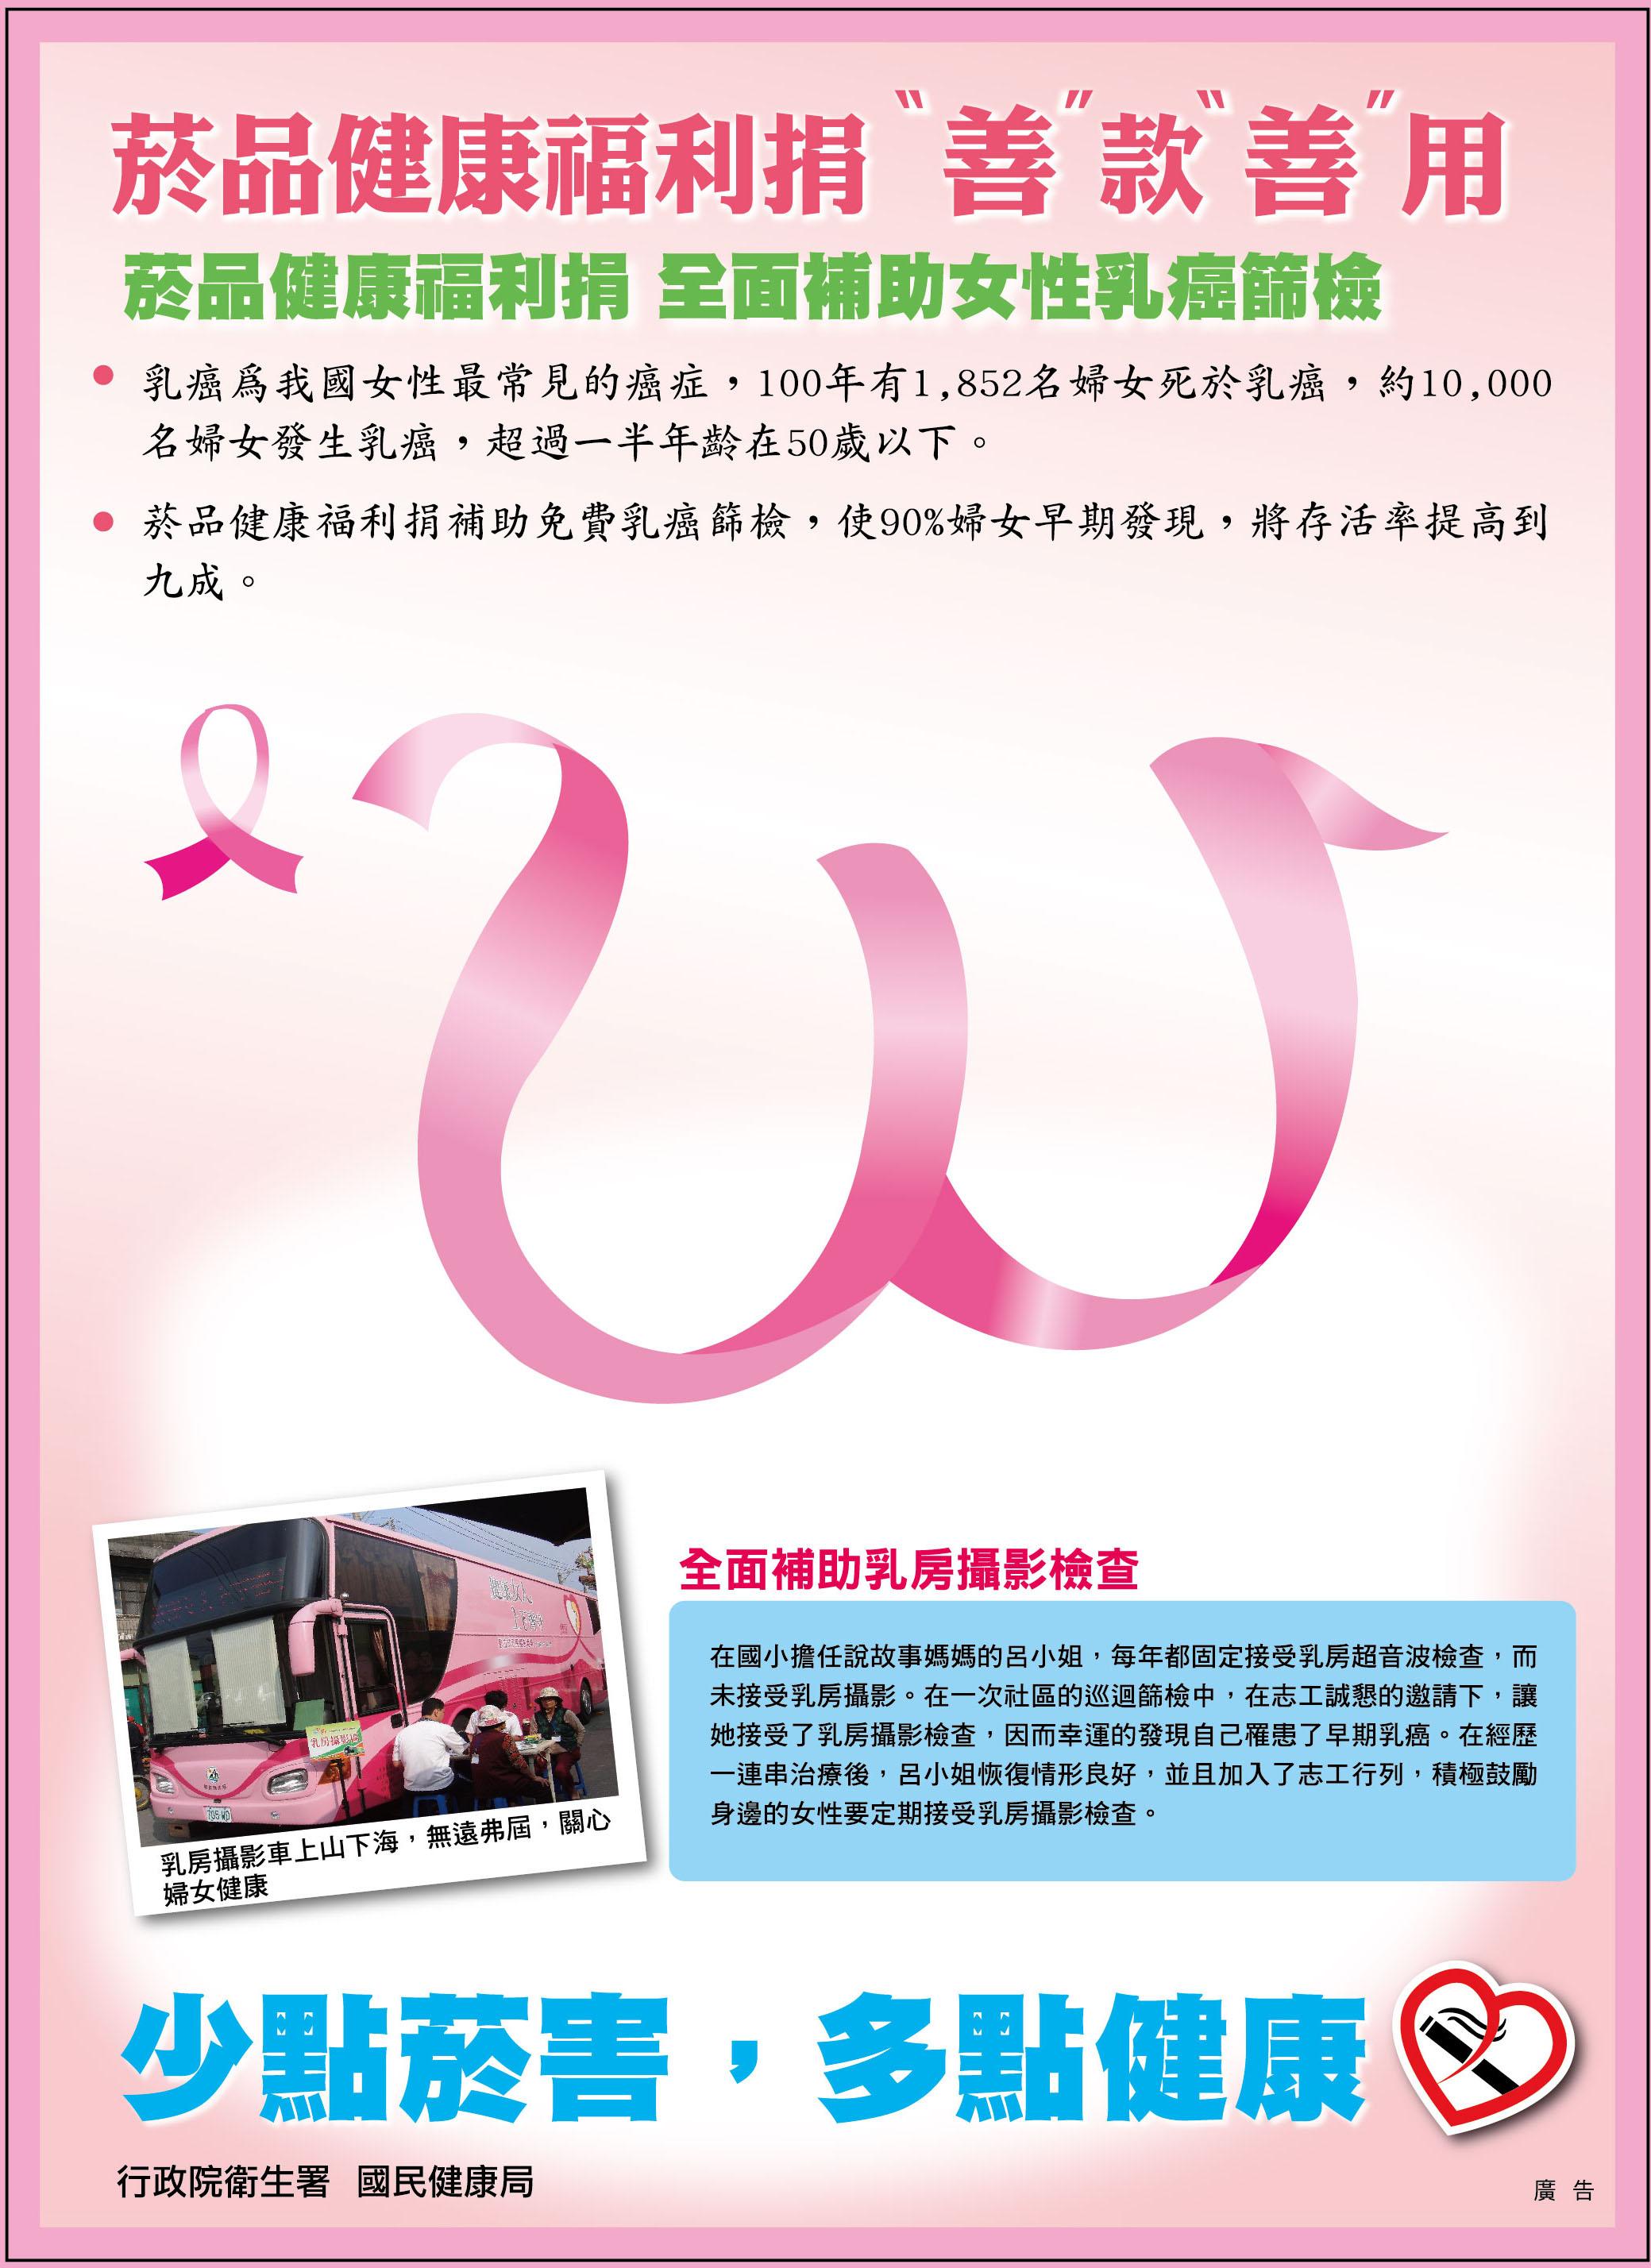 少點菸害,多點健康-菸品健康福利捐 全面補助女性乳癌篩檢